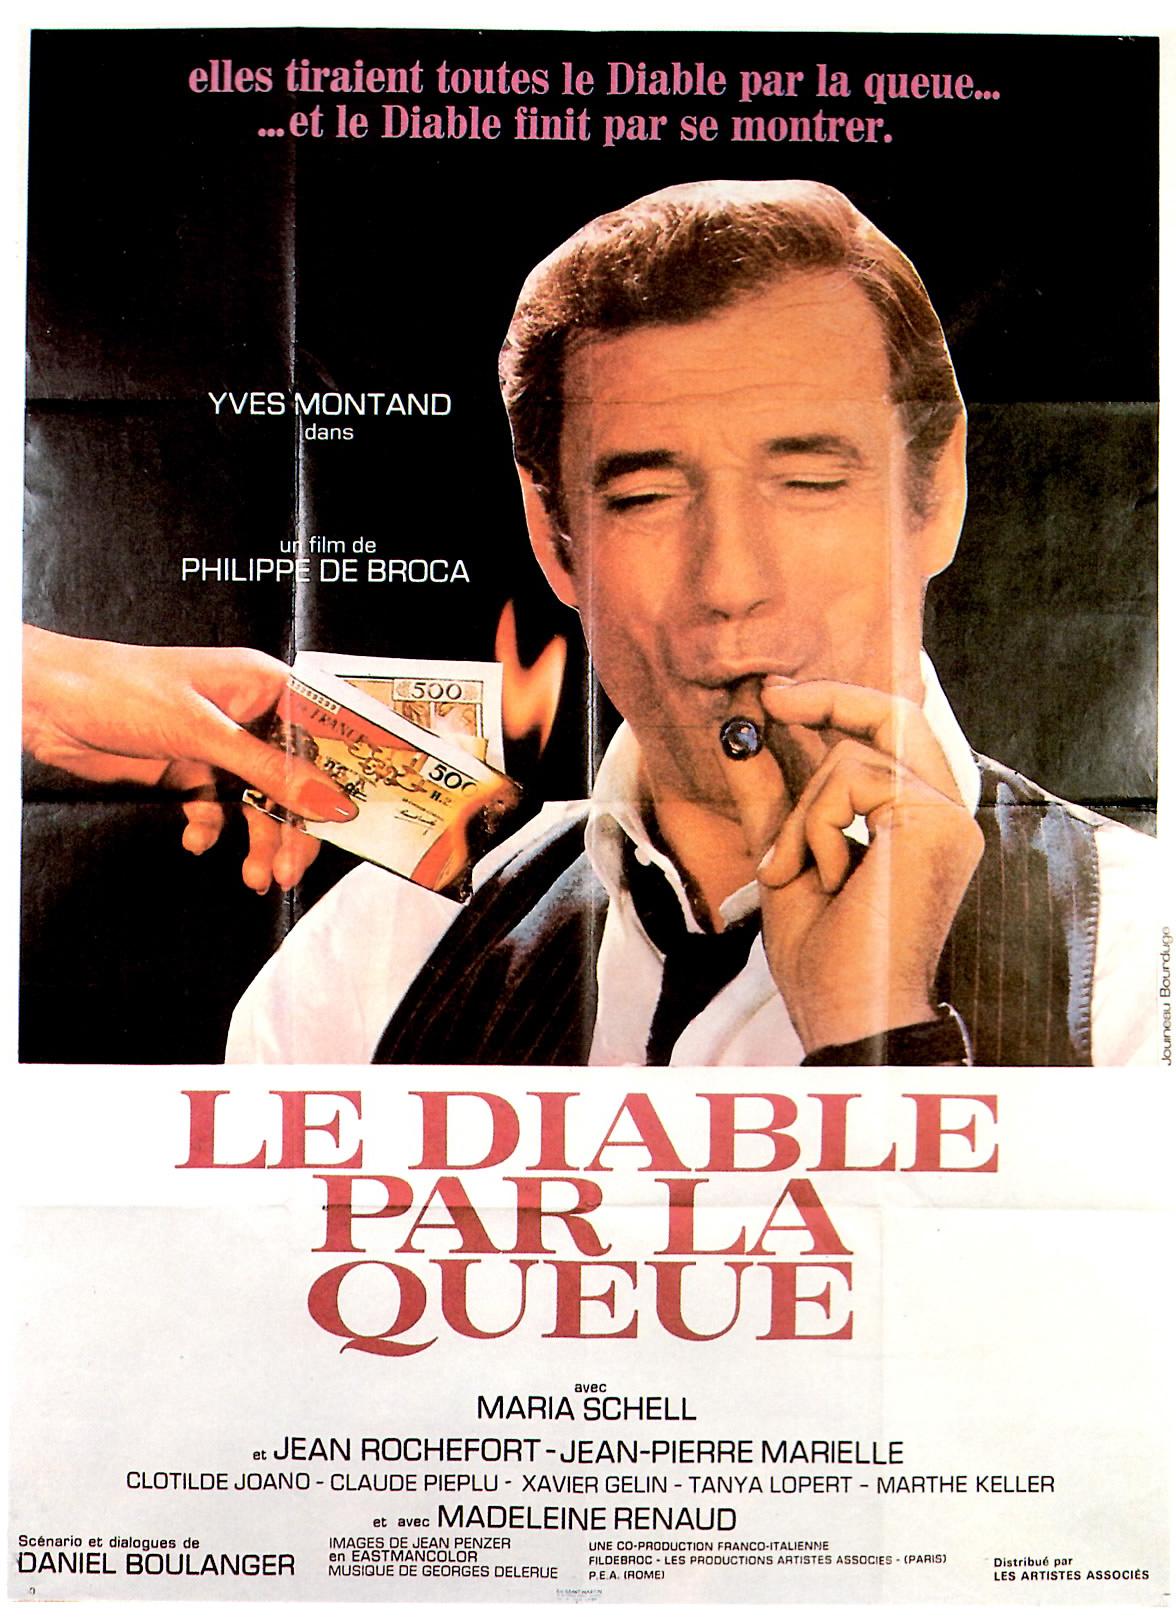 Affiche du film Le Diable par la queue de Philippe de Broca avec Yves Montand